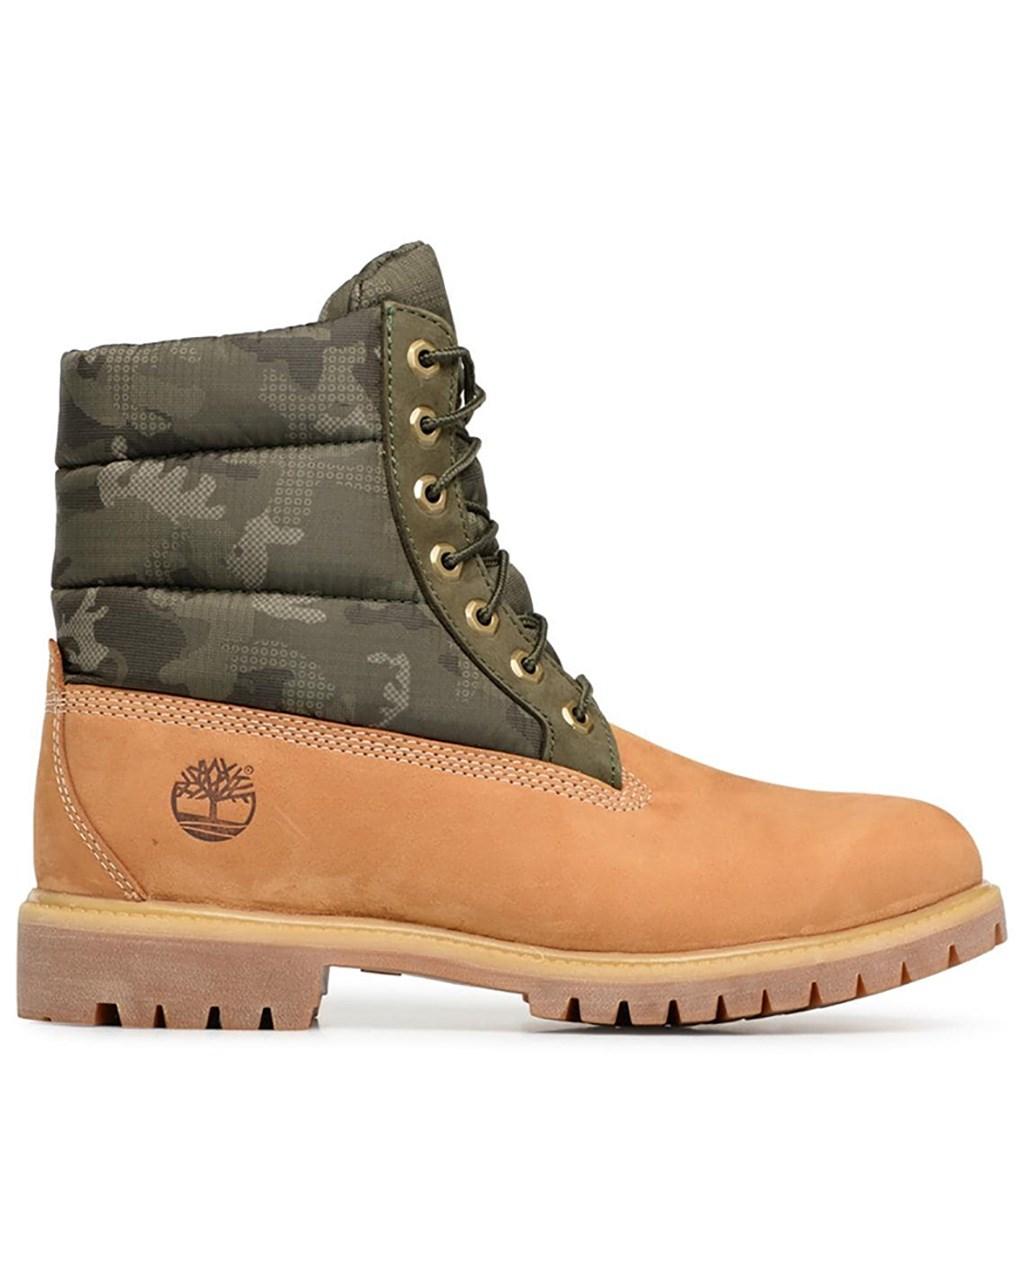 77a8ed9da955 Timberland. 6 Inch Premium Puffer Boot M Puff Wheat